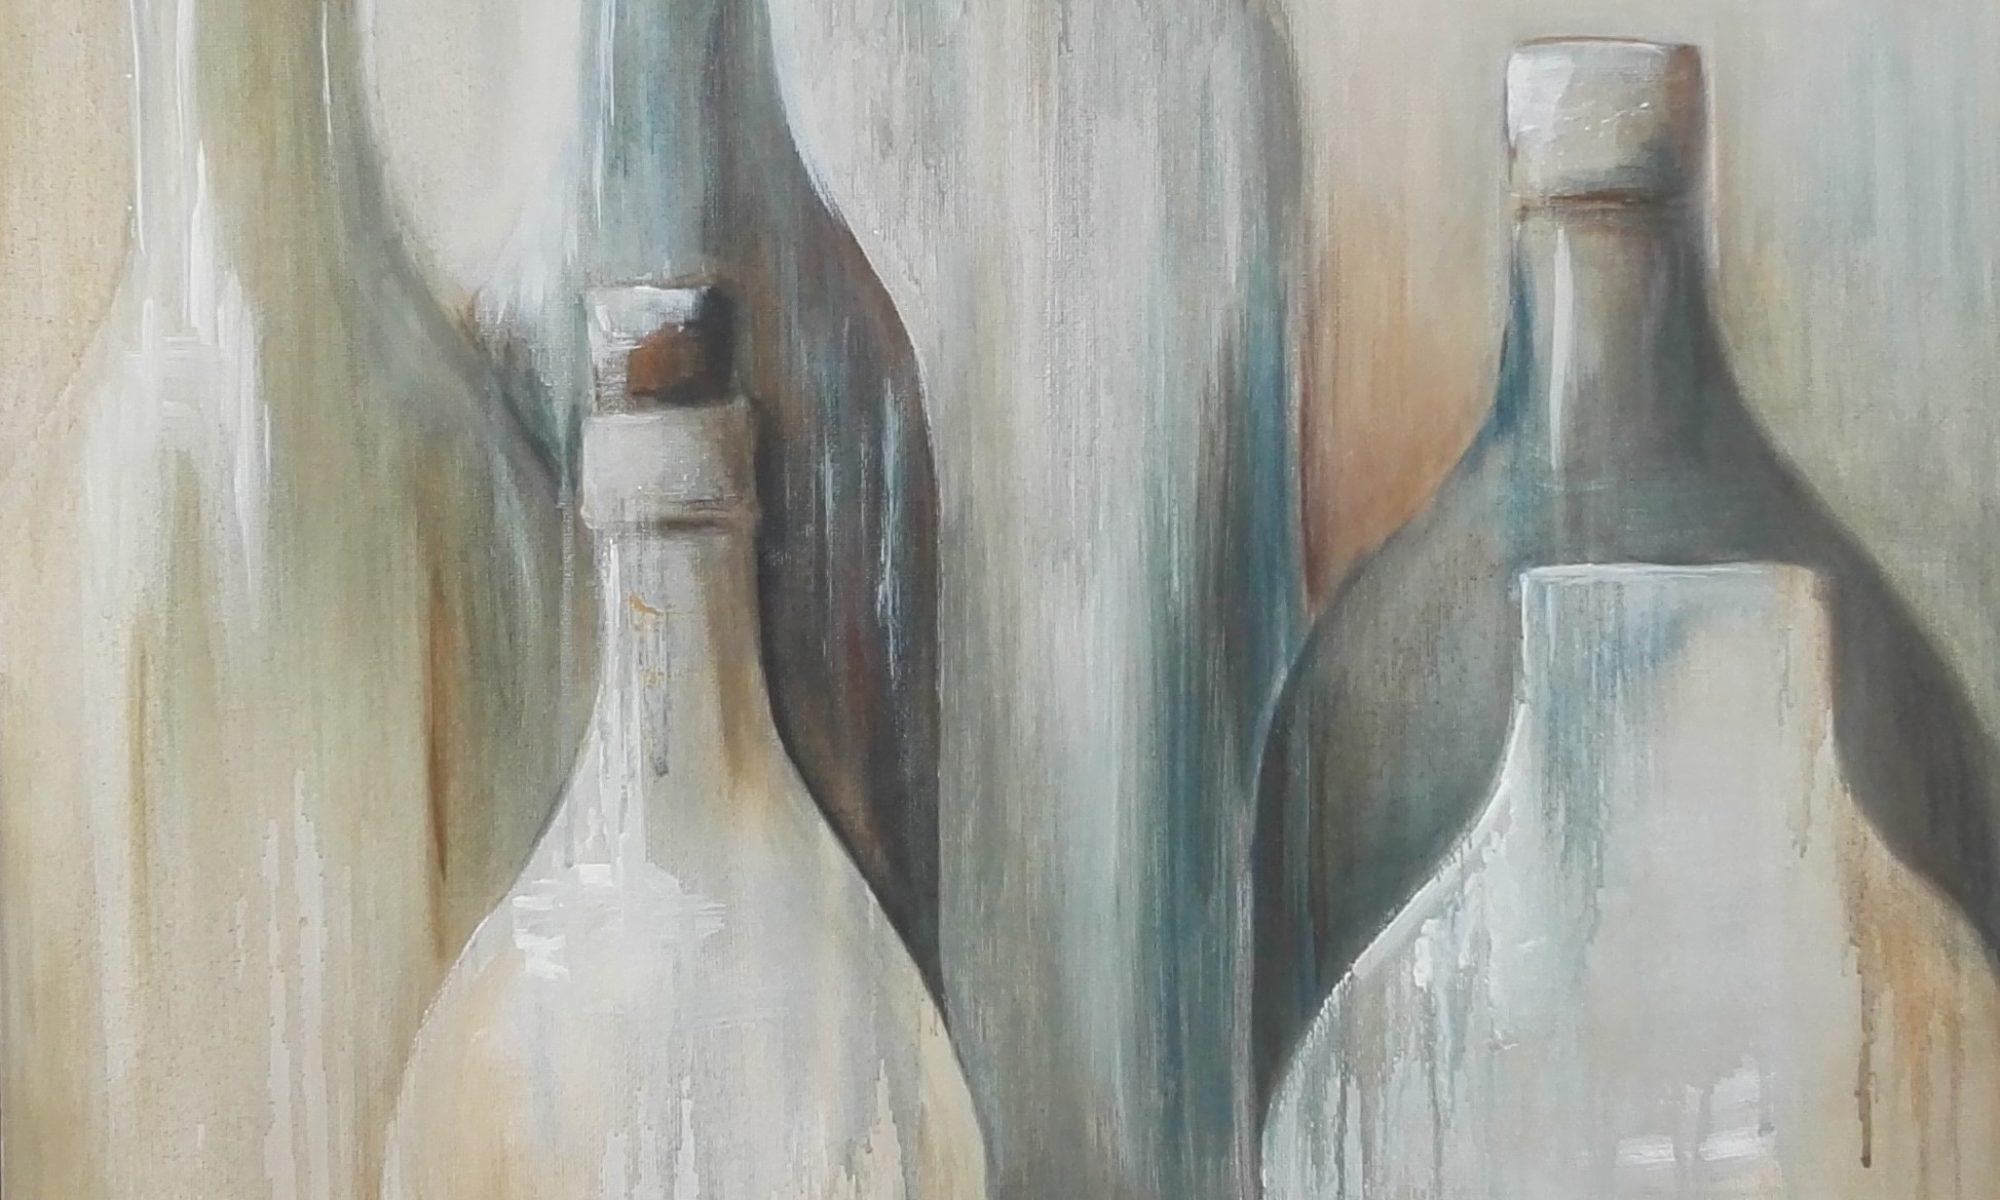 Welkom op de creatieve website van Annet Schrander